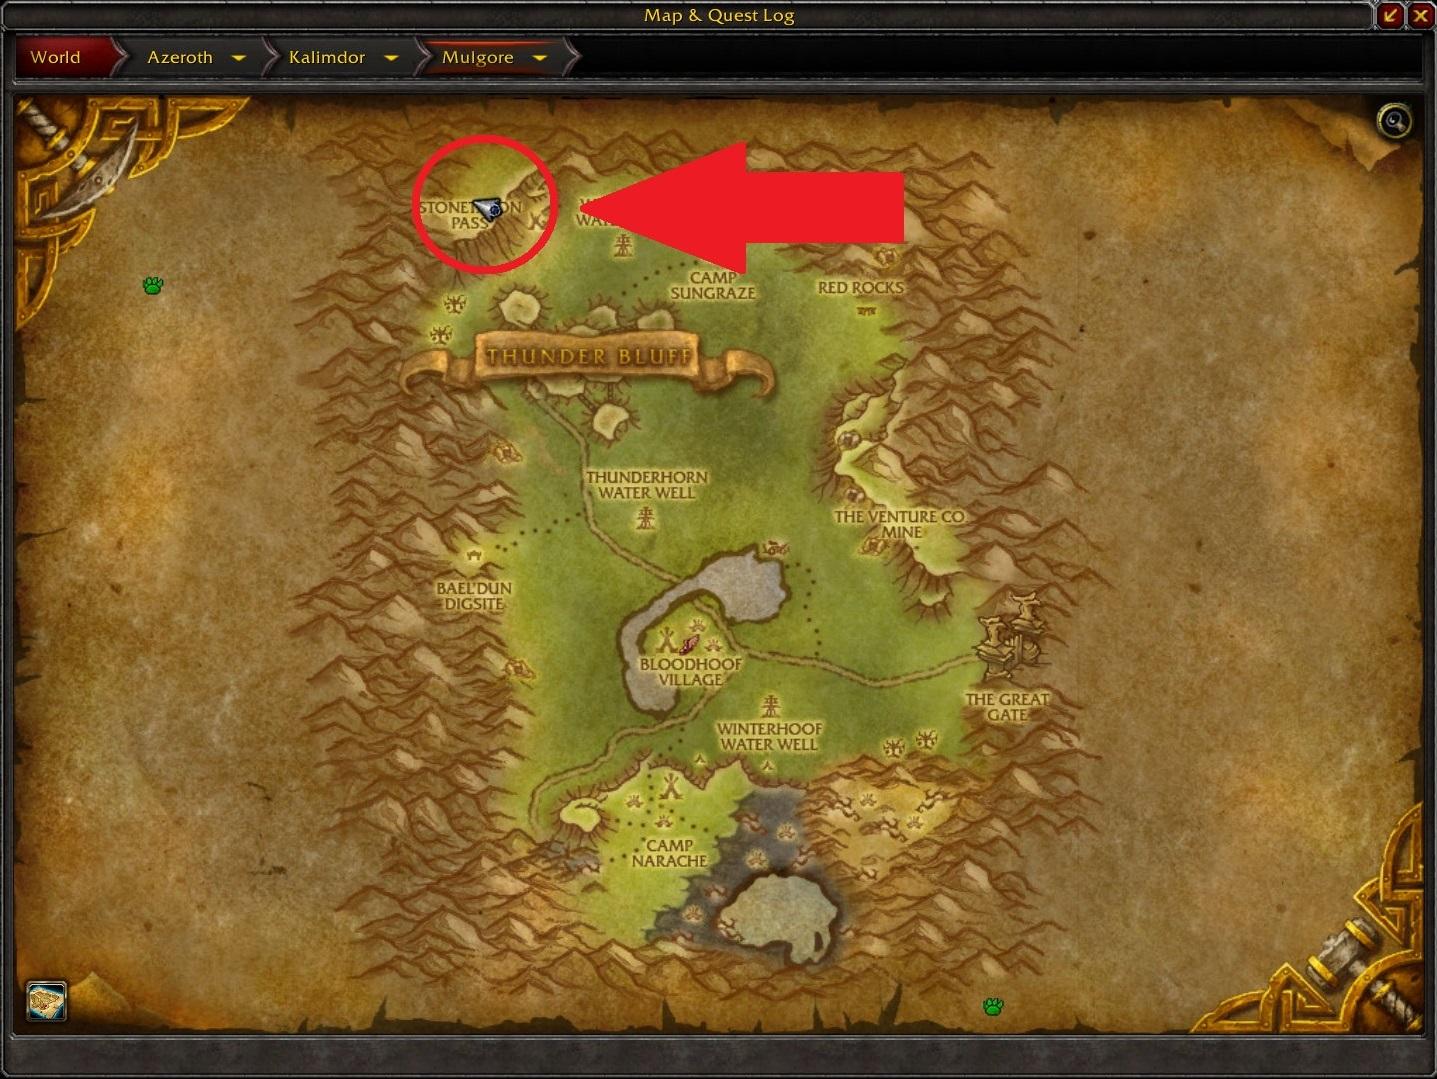 WoW Seltsame Orte Critterkiller Map arrow